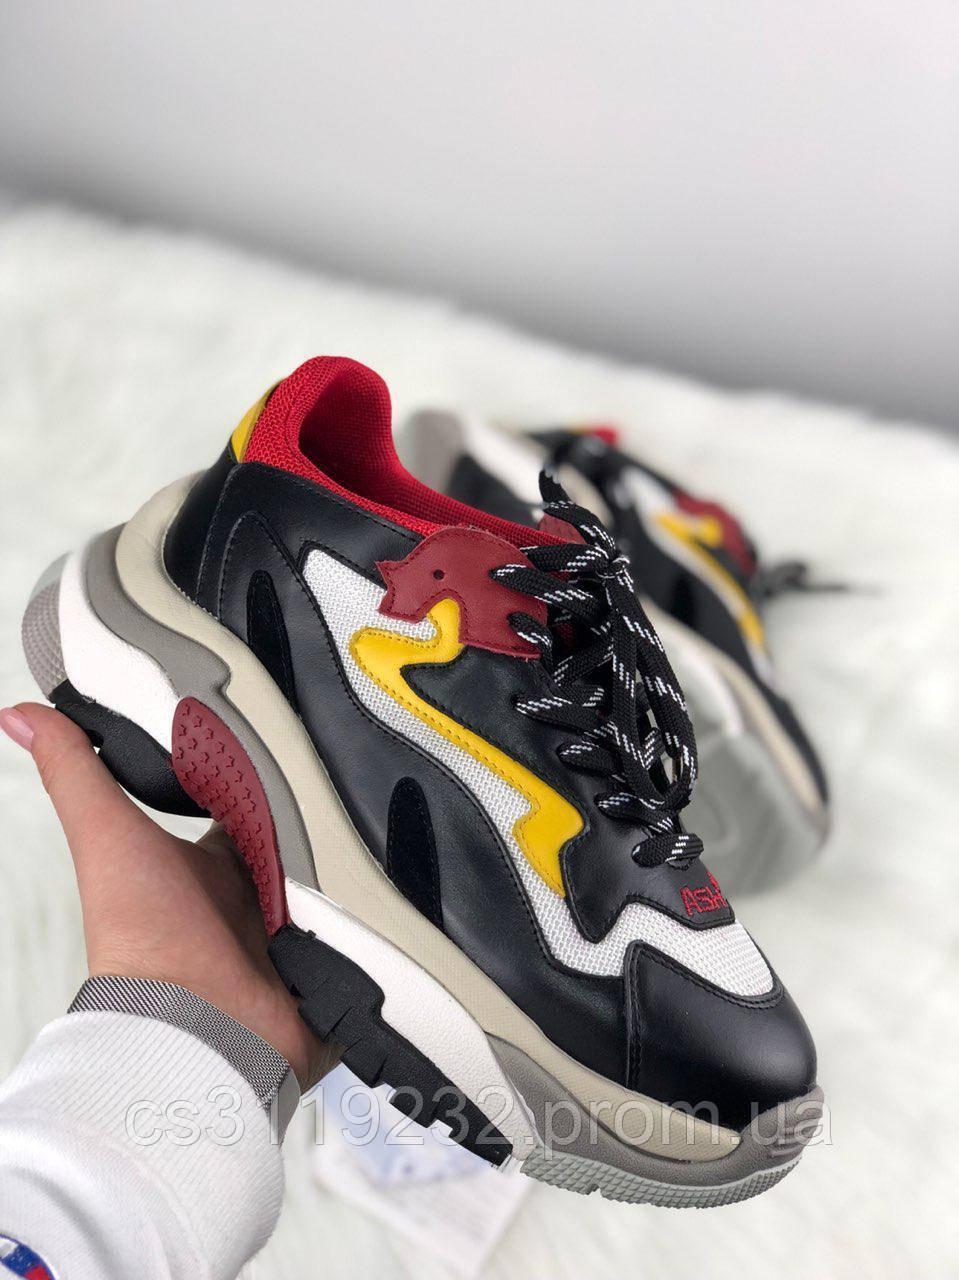 Жіночі кросівки Addict Sneakers Black Red White (чорний/червоний/білий)